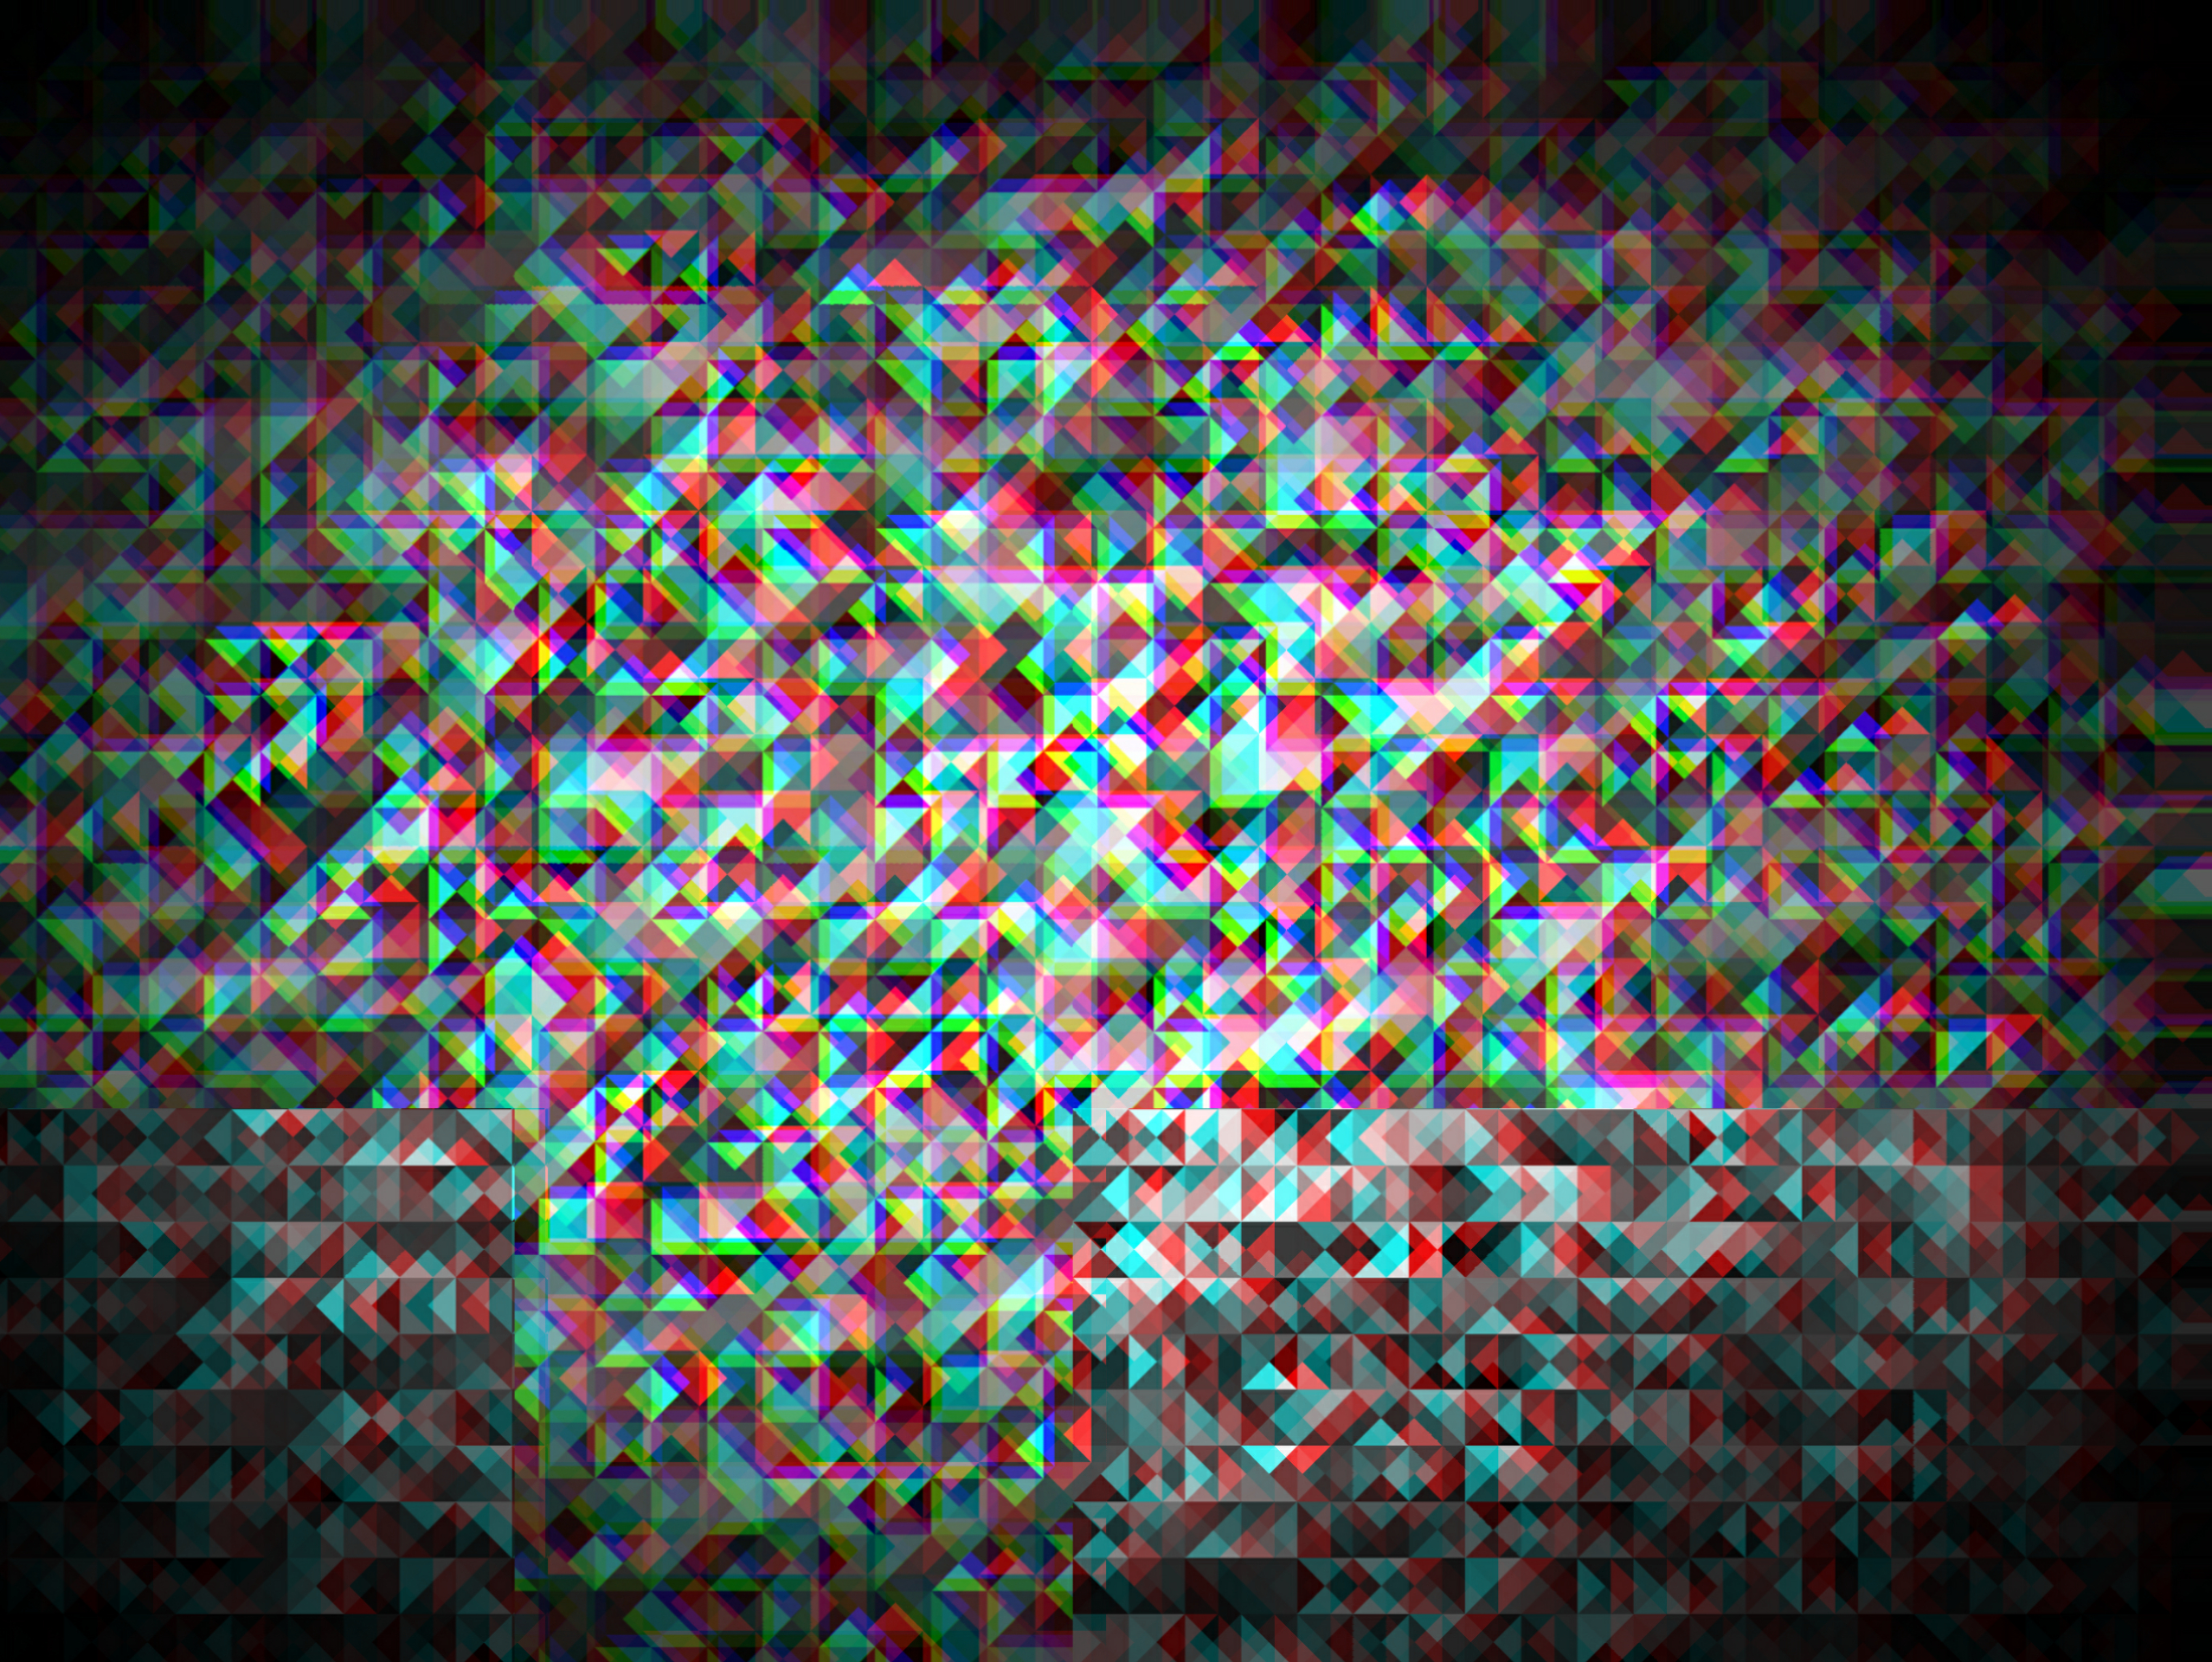 -77edb778c19c36c3.jpg